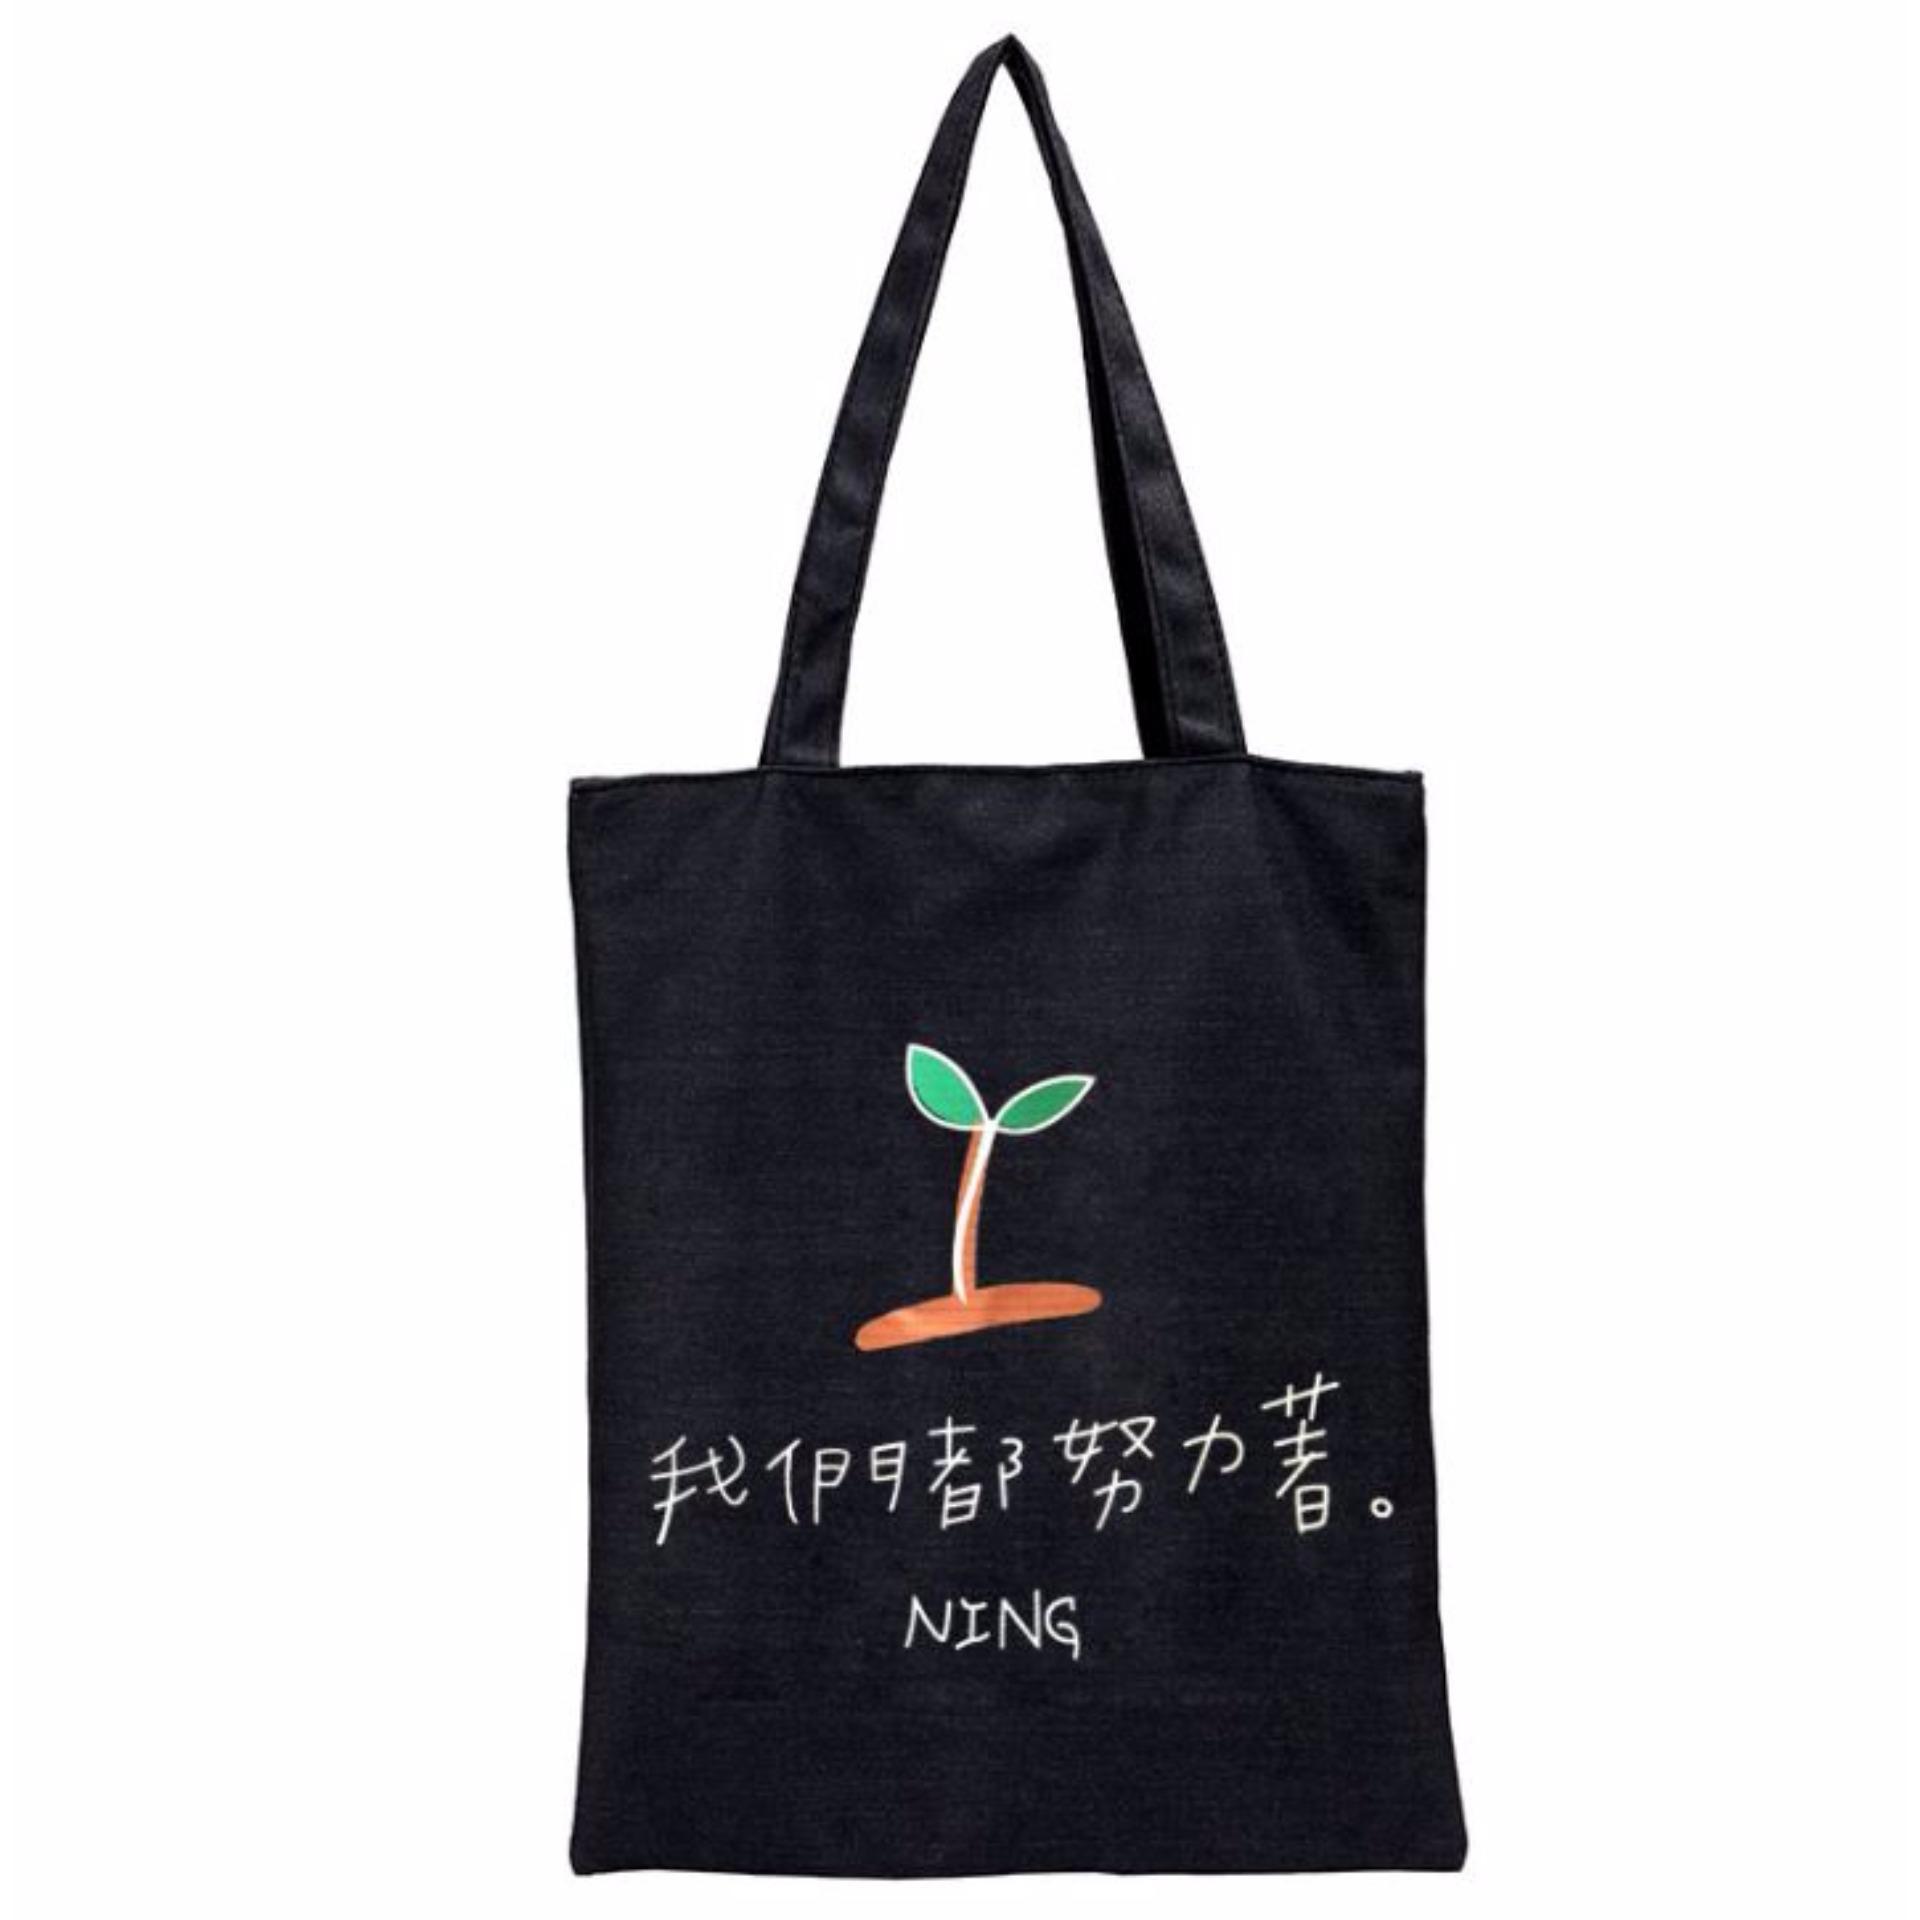 Túi Vải Tote Họa Tiết Mầm Sống Đen Xinh Store.